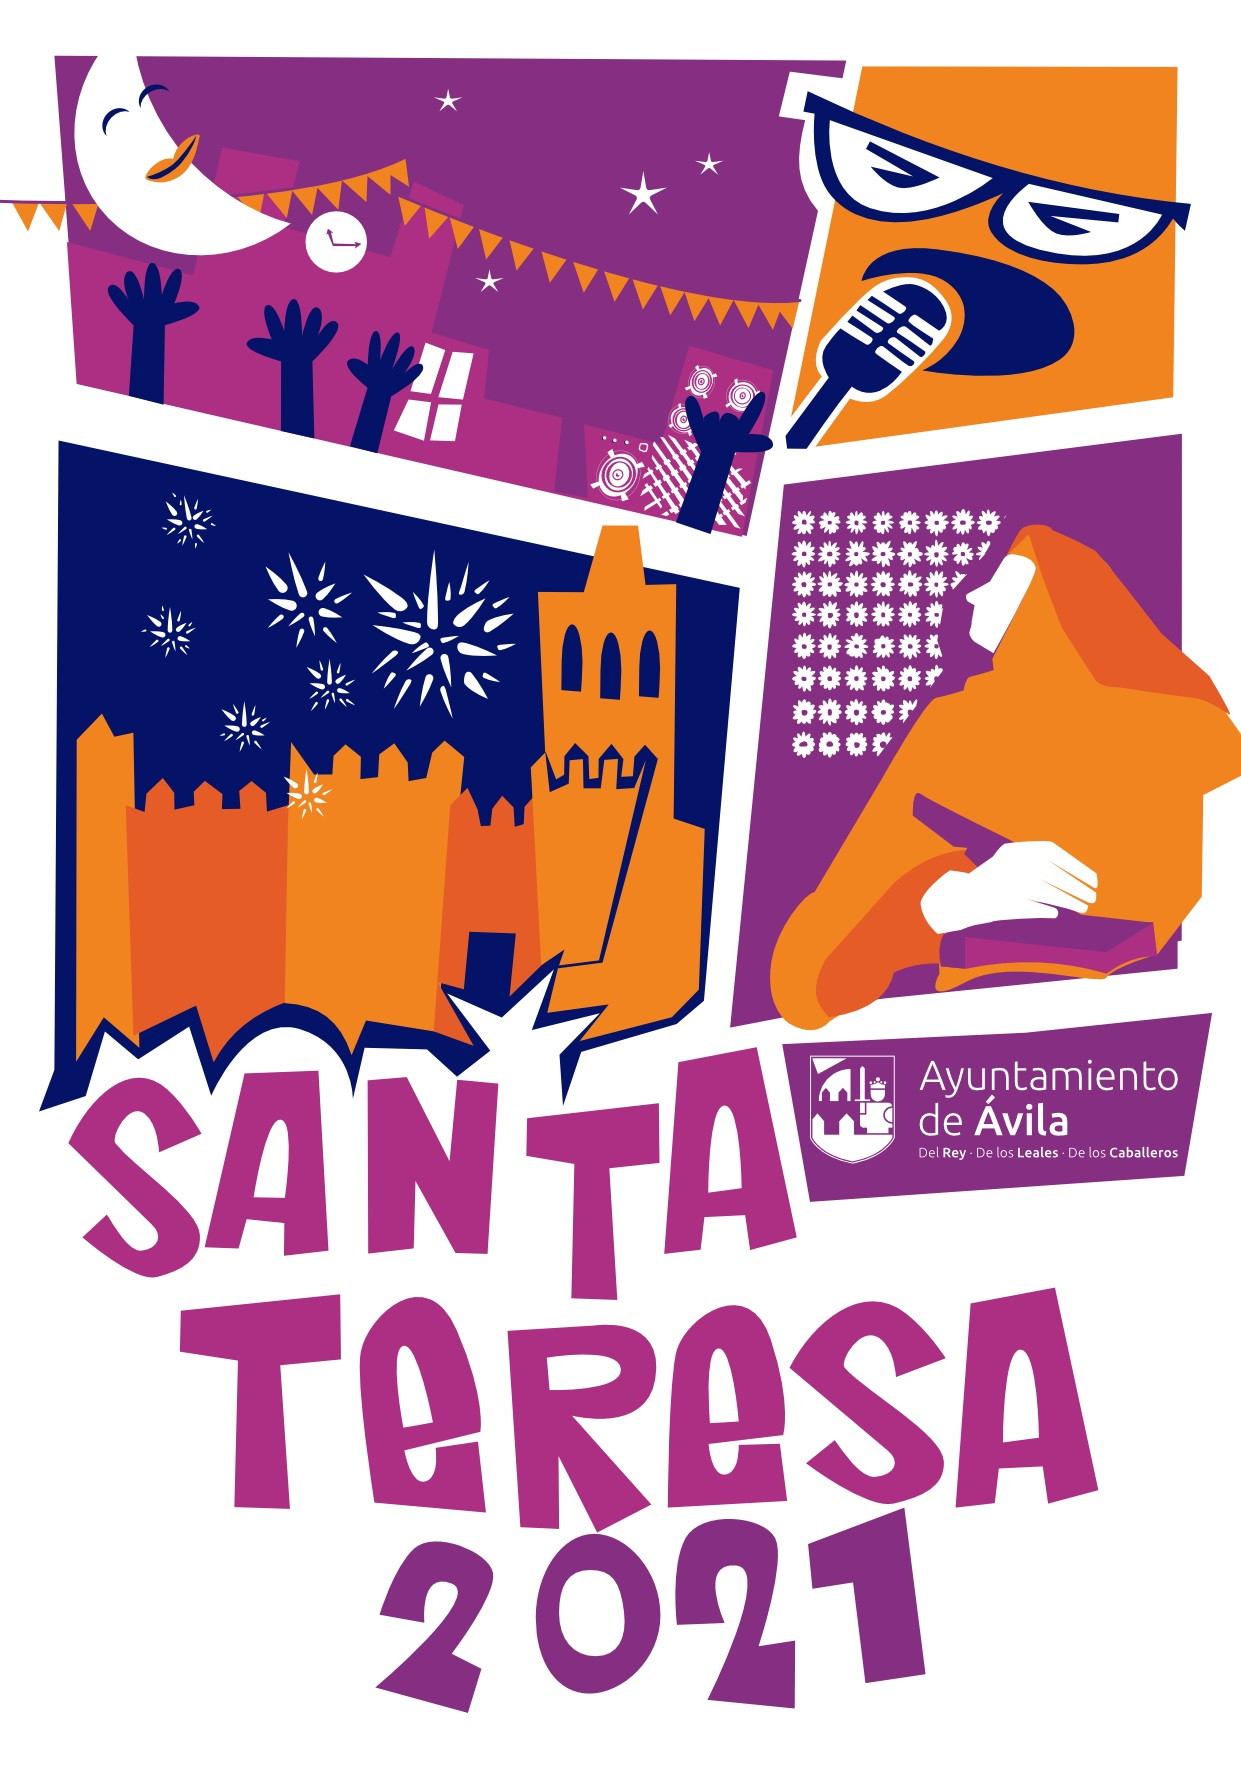 Fiestas La Santa 2021